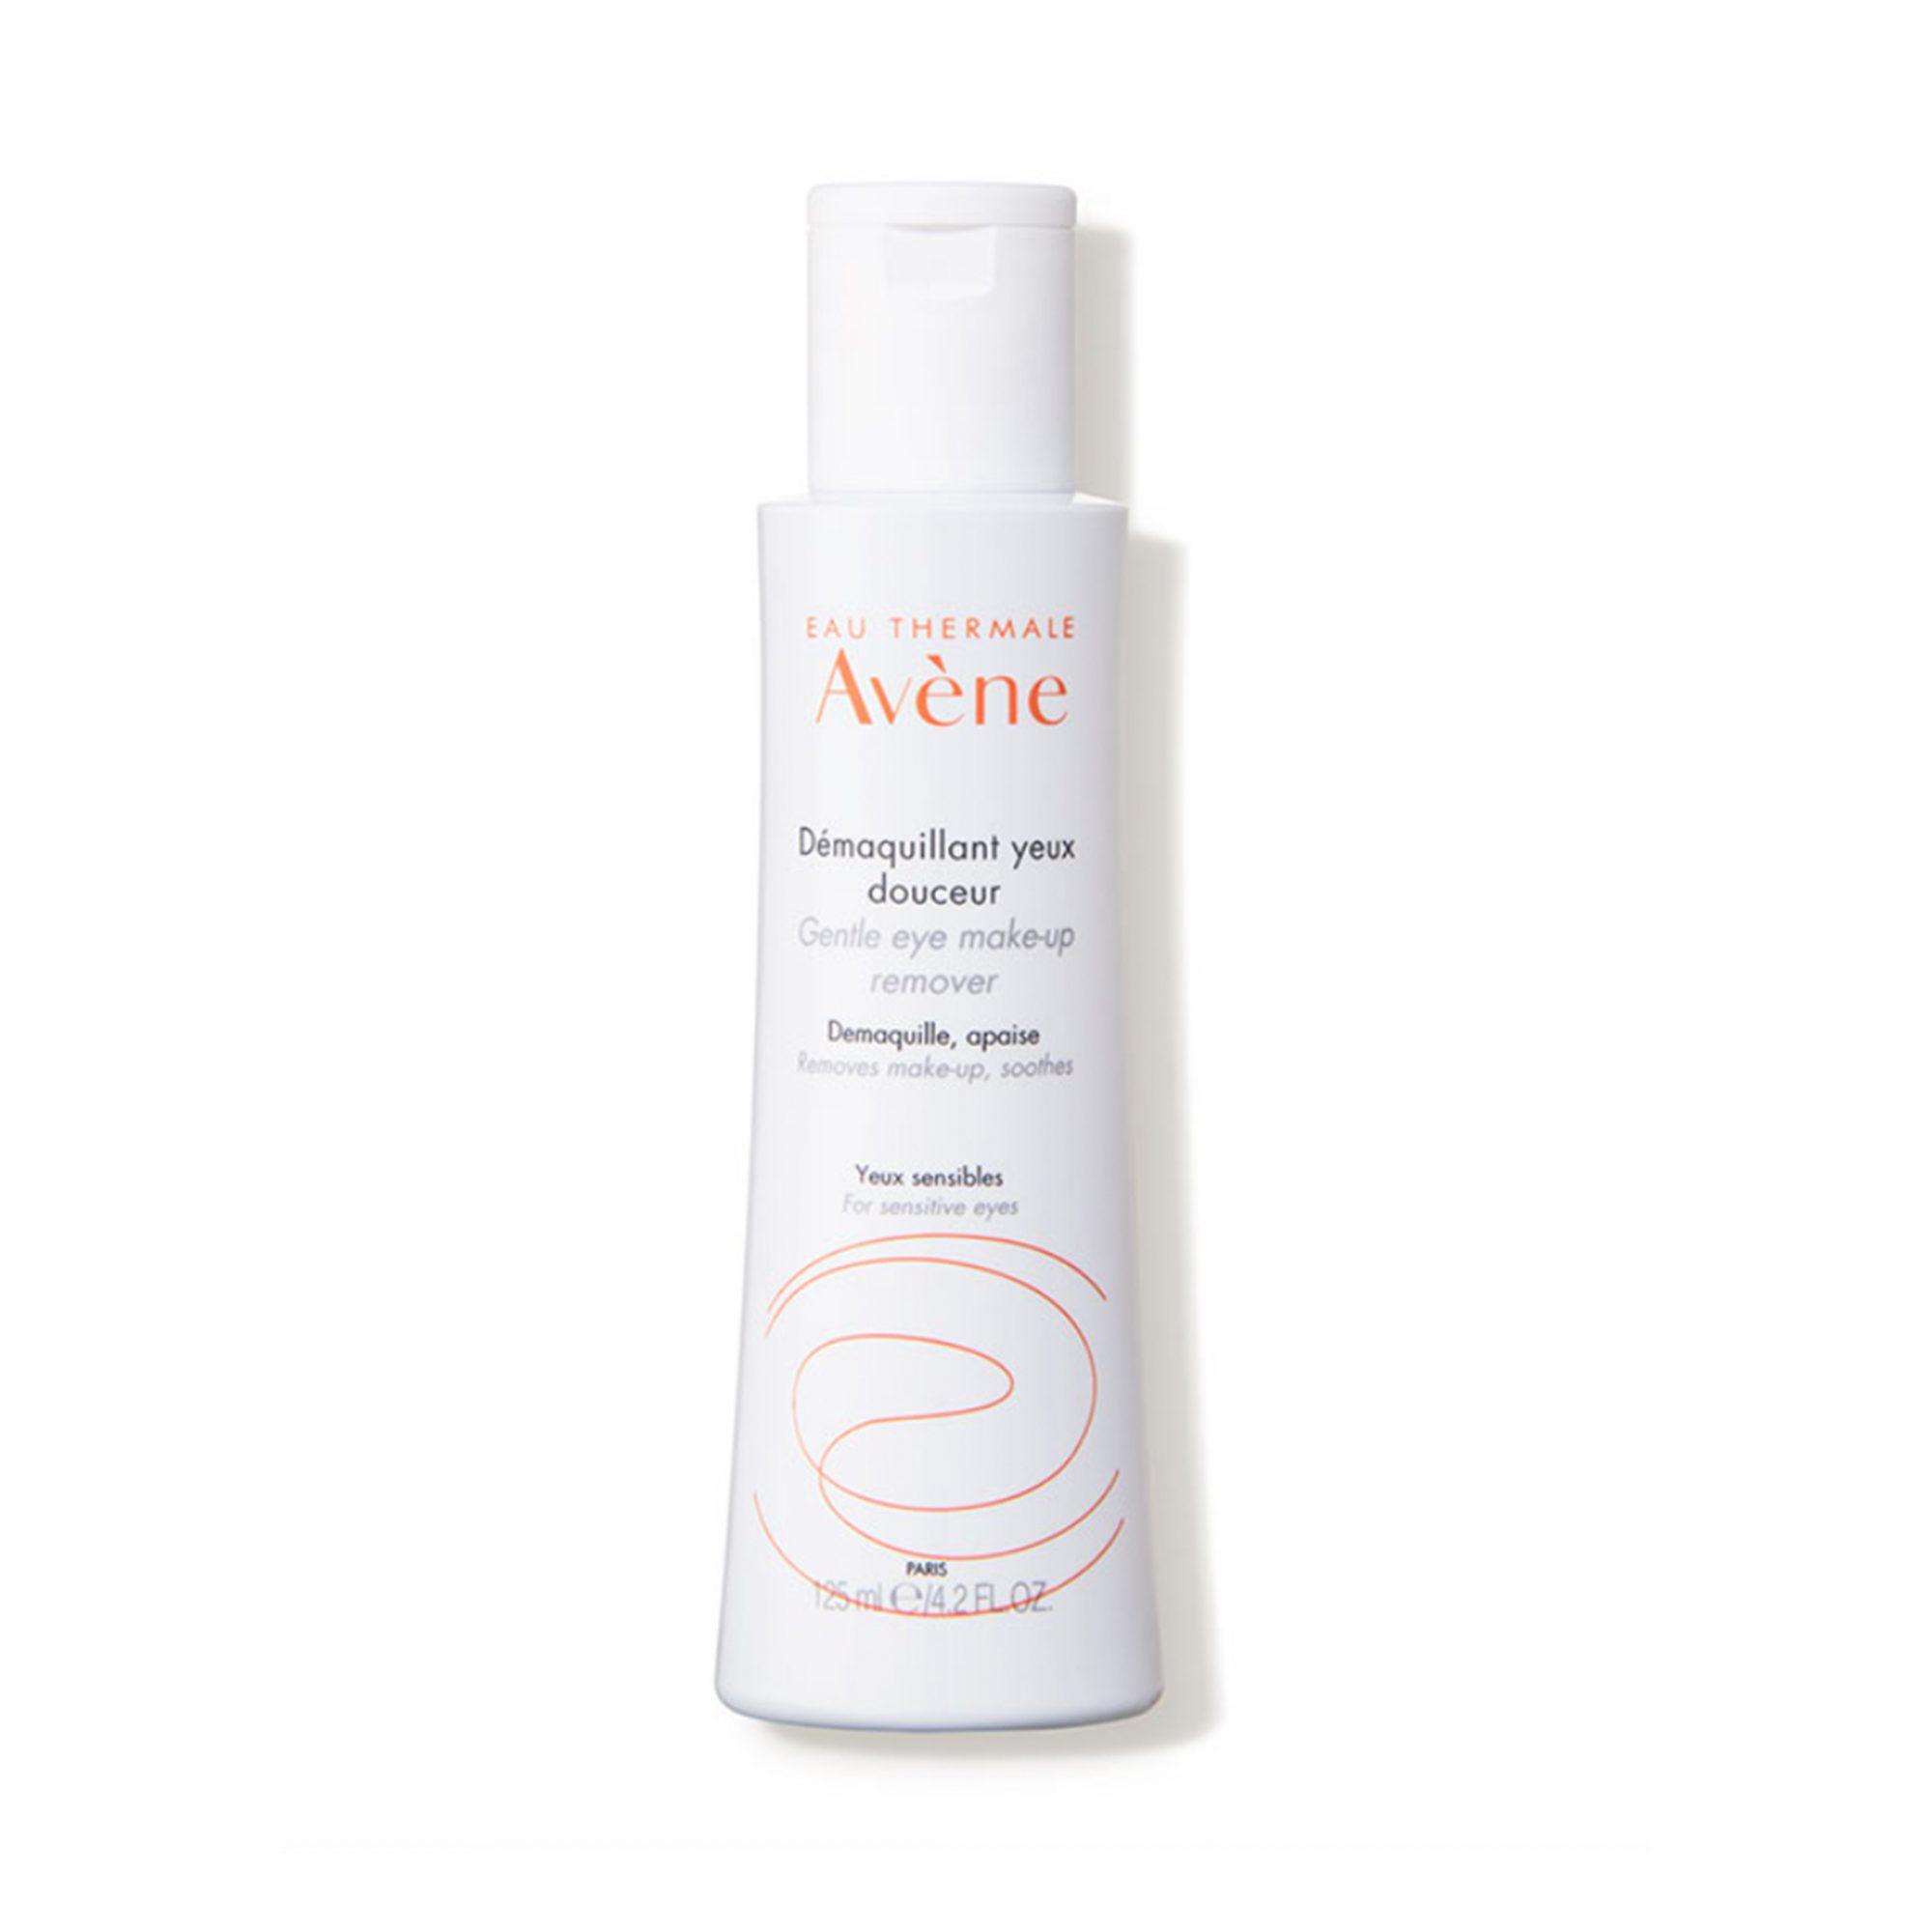 avene-oil-free-makeup-remover